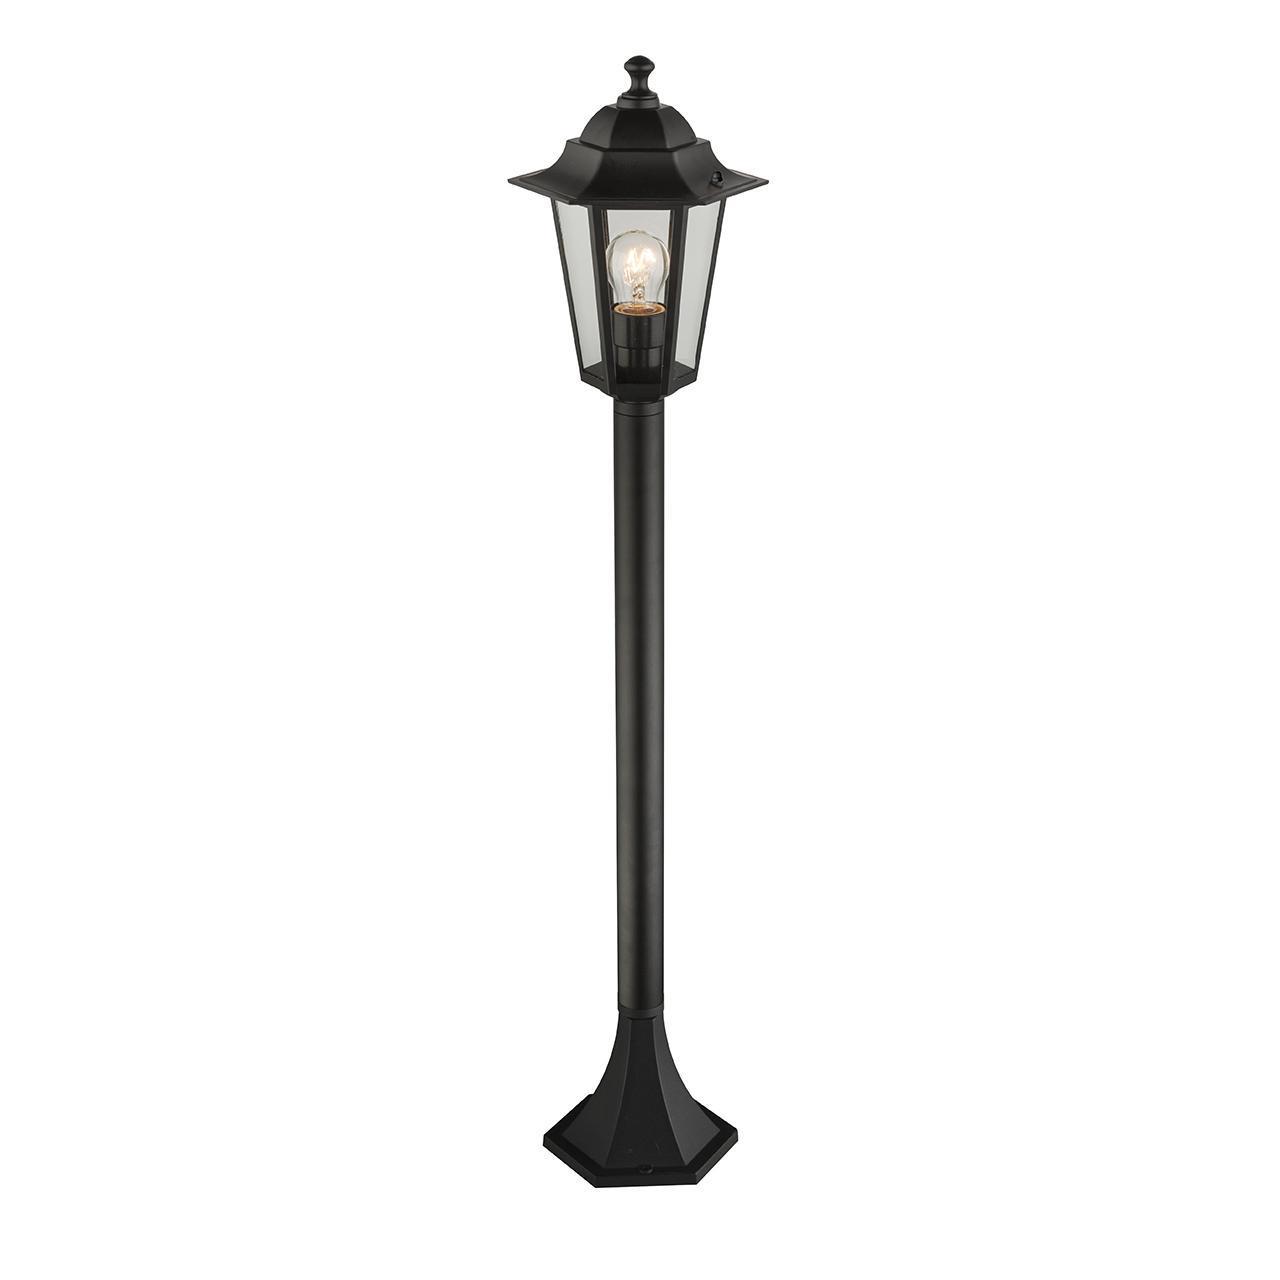 Уличный светильник Globo Adamo 31883 уличный фонарь globo 31883